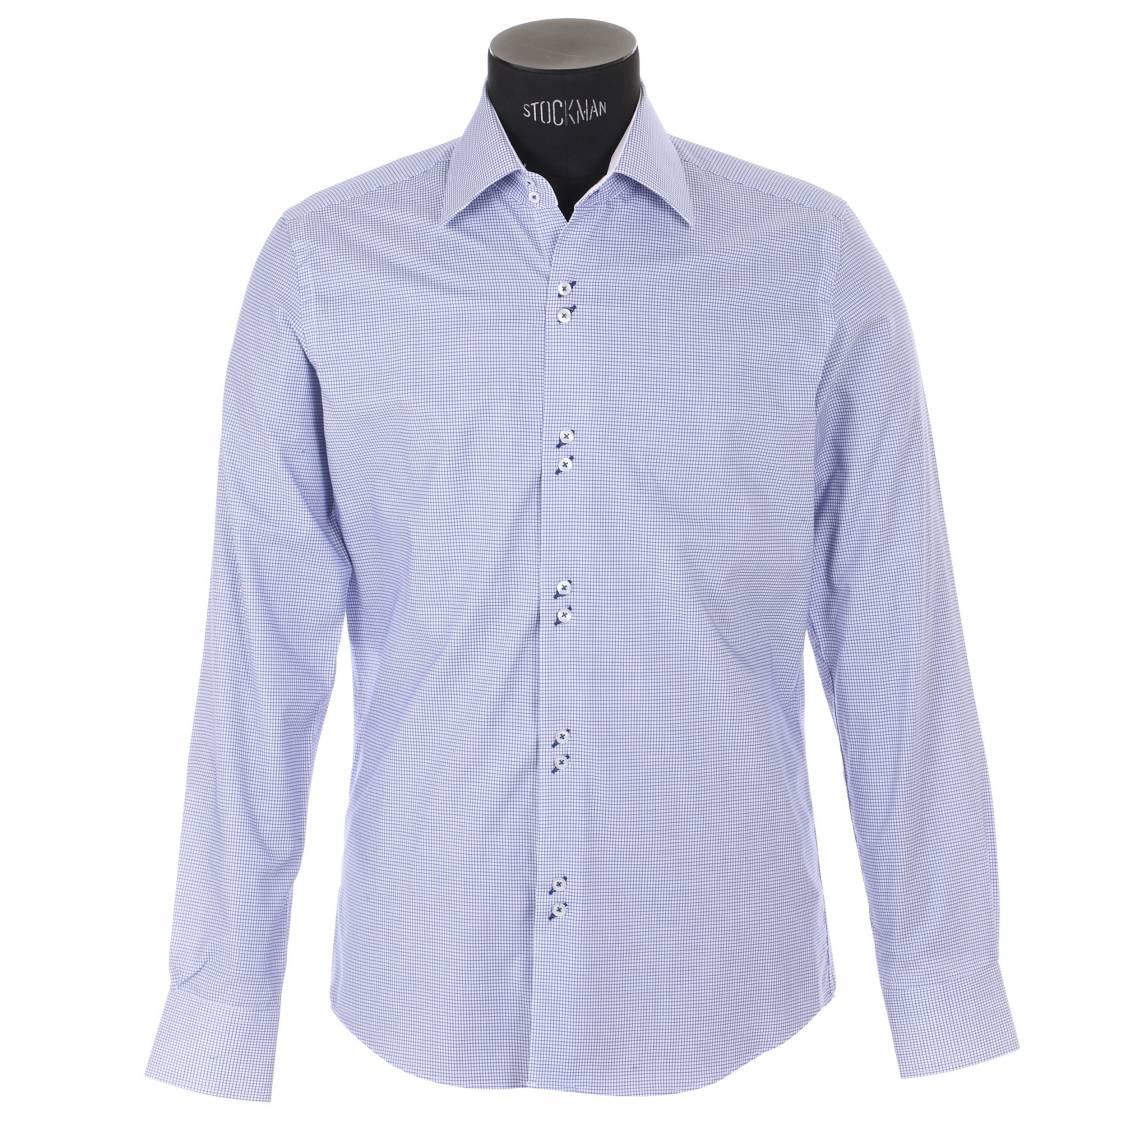 chemise homme ajust e horizon bleu carreaux avec opposition blanche rue des hommes. Black Bedroom Furniture Sets. Home Design Ideas